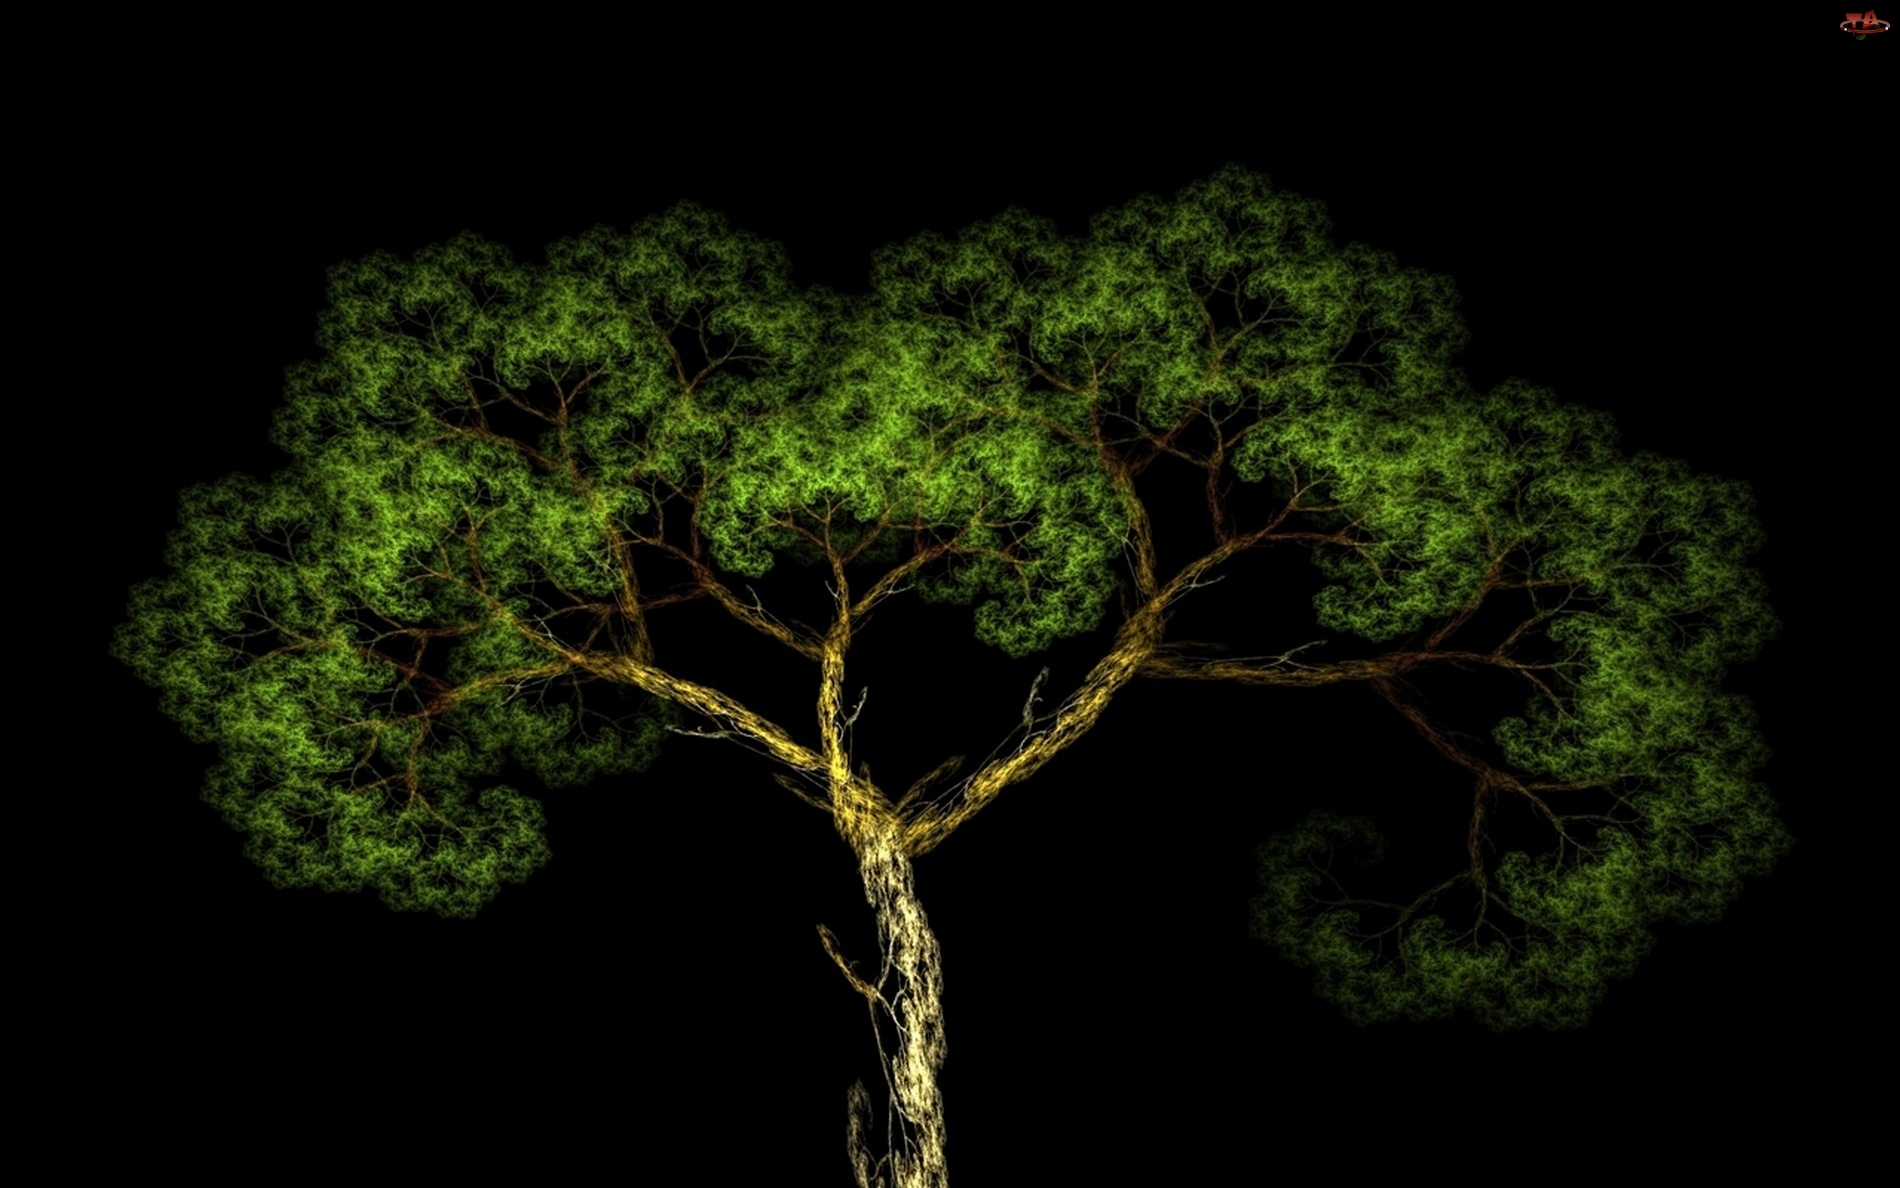 Korona, Drzewo, Konary